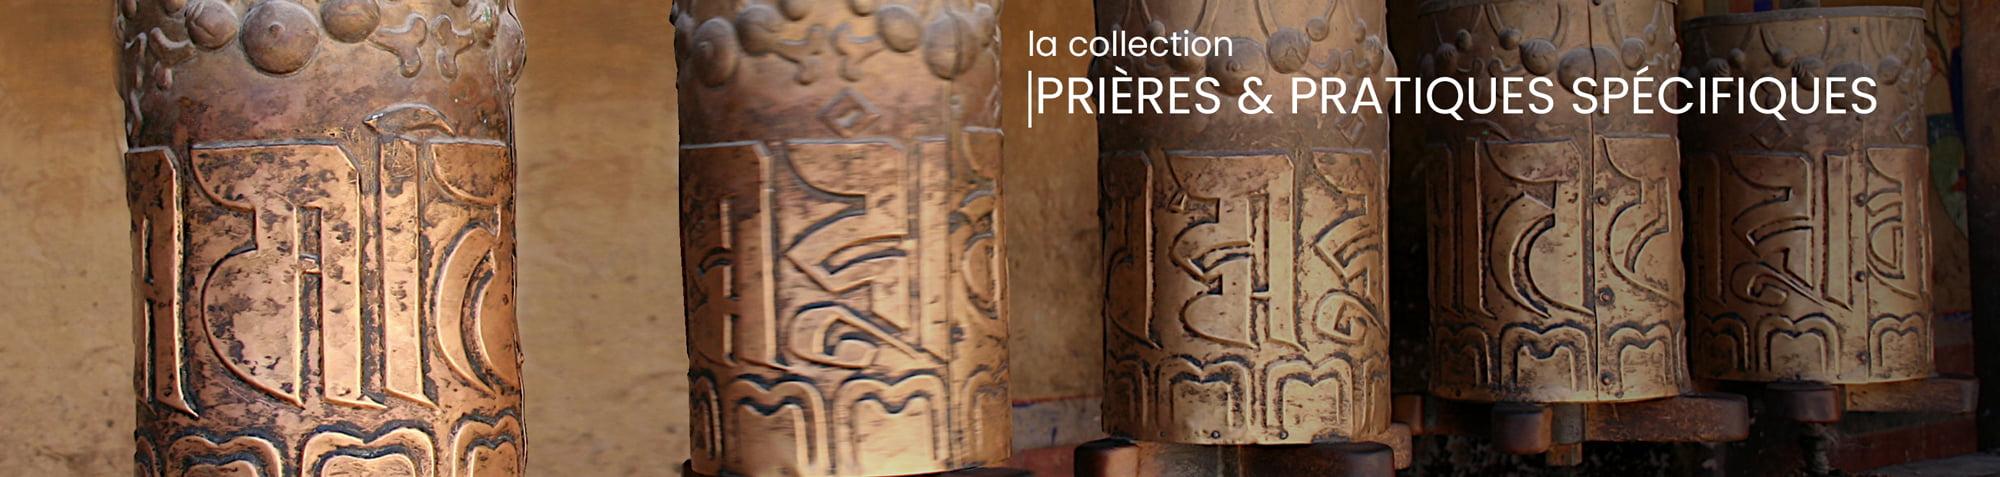 editions mahayana prieres et pratiques specifiques